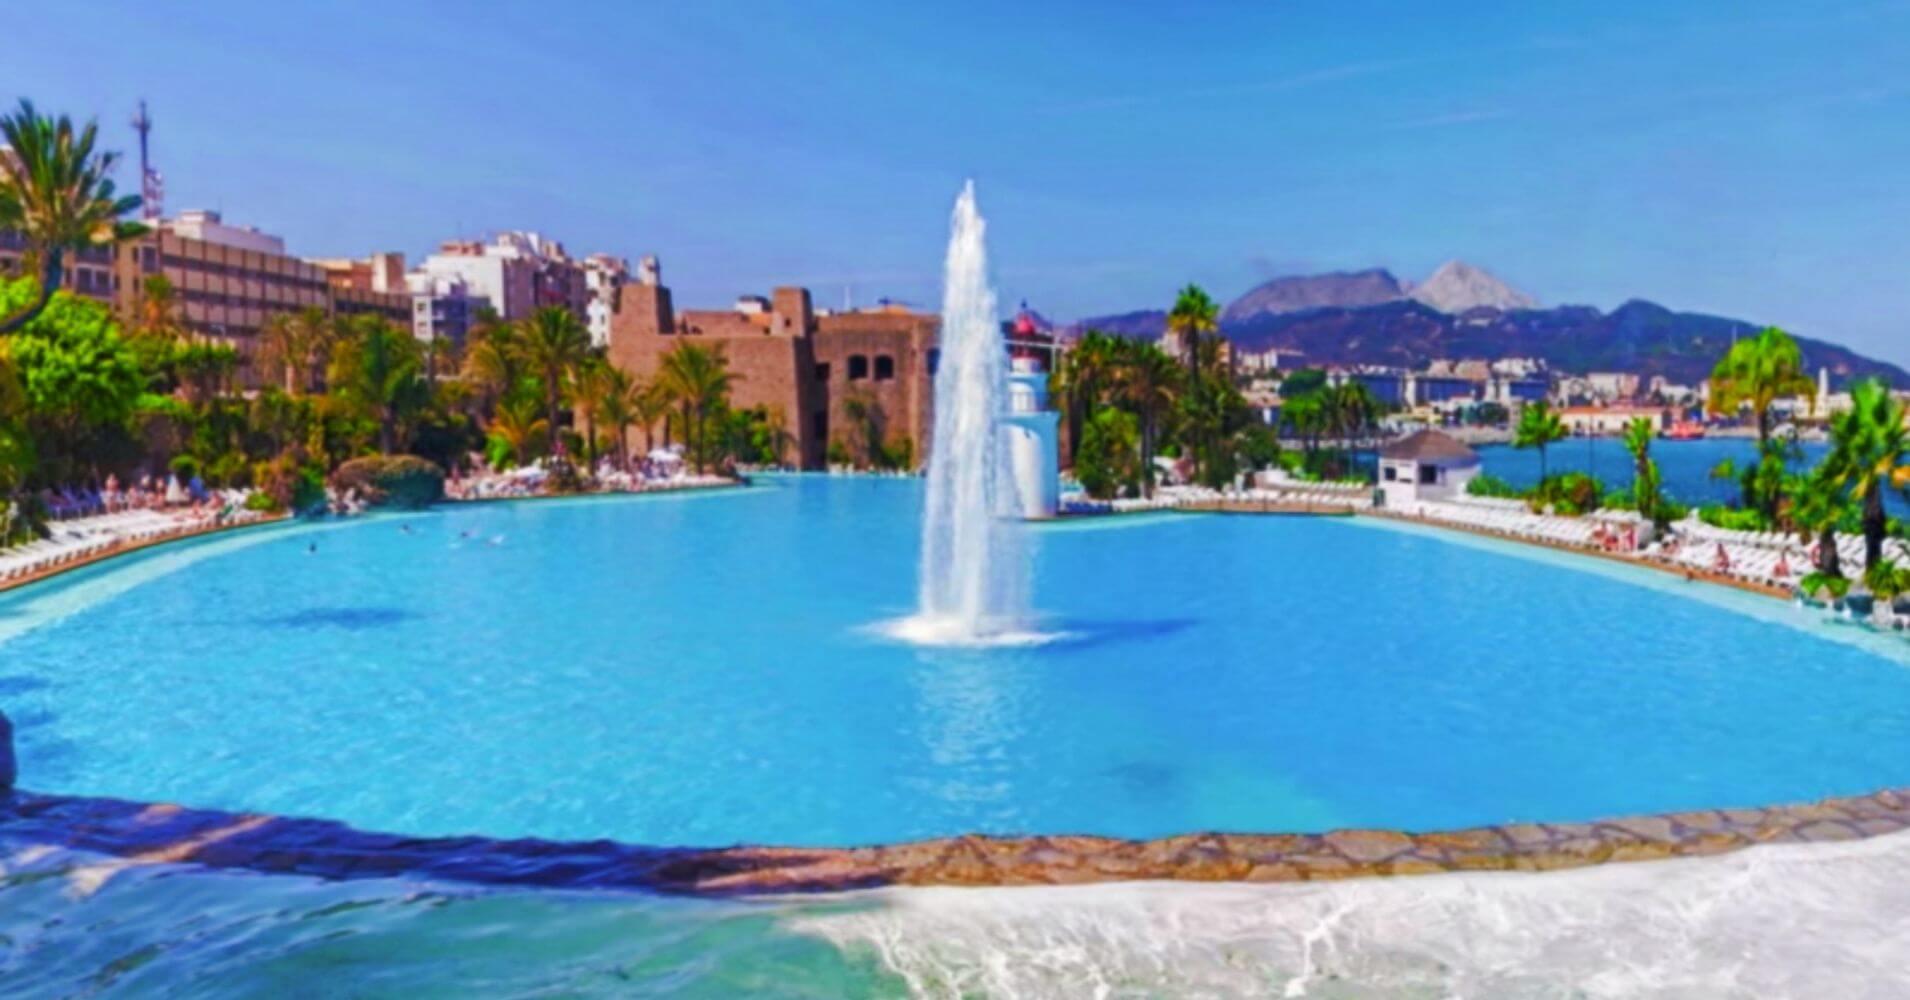 Parque Marítimo del Mediterráneo. Ceuta, España.